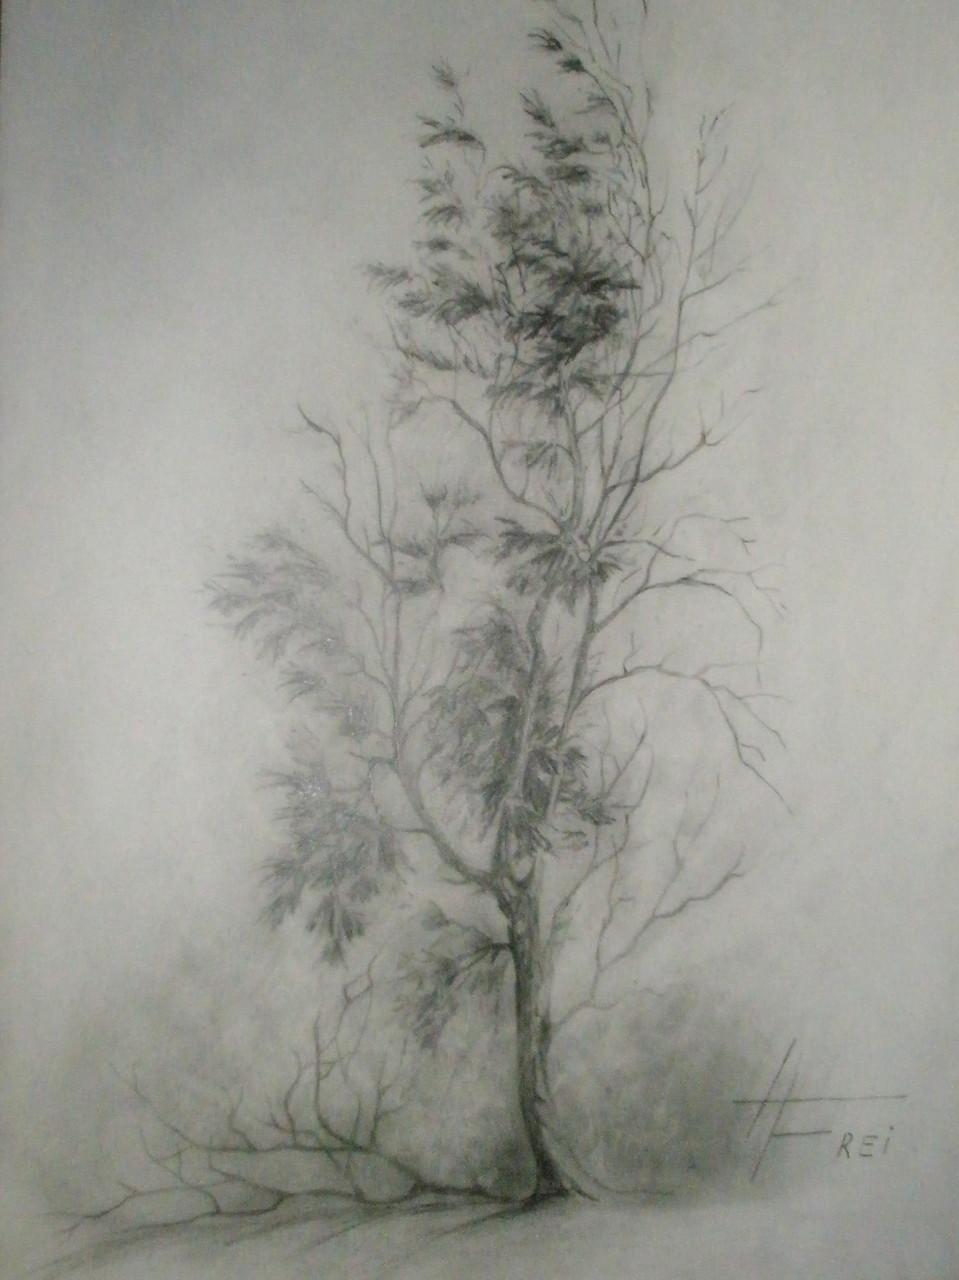 """ART HFrei - """"Baum-Studie"""" - Bleistift - 2007"""